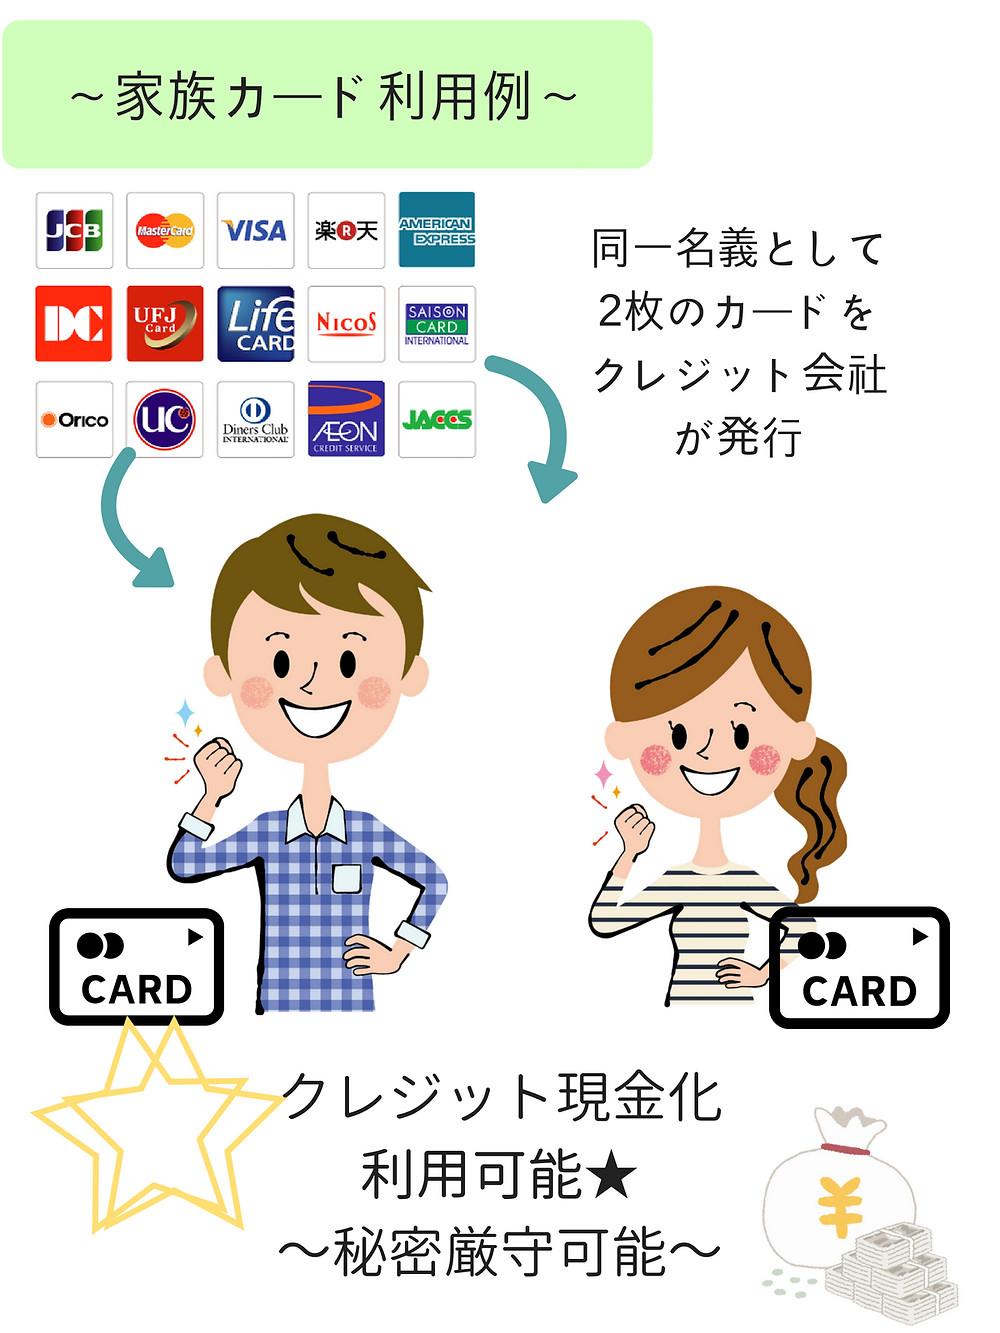 クレジットカード現金化家族カード利用例